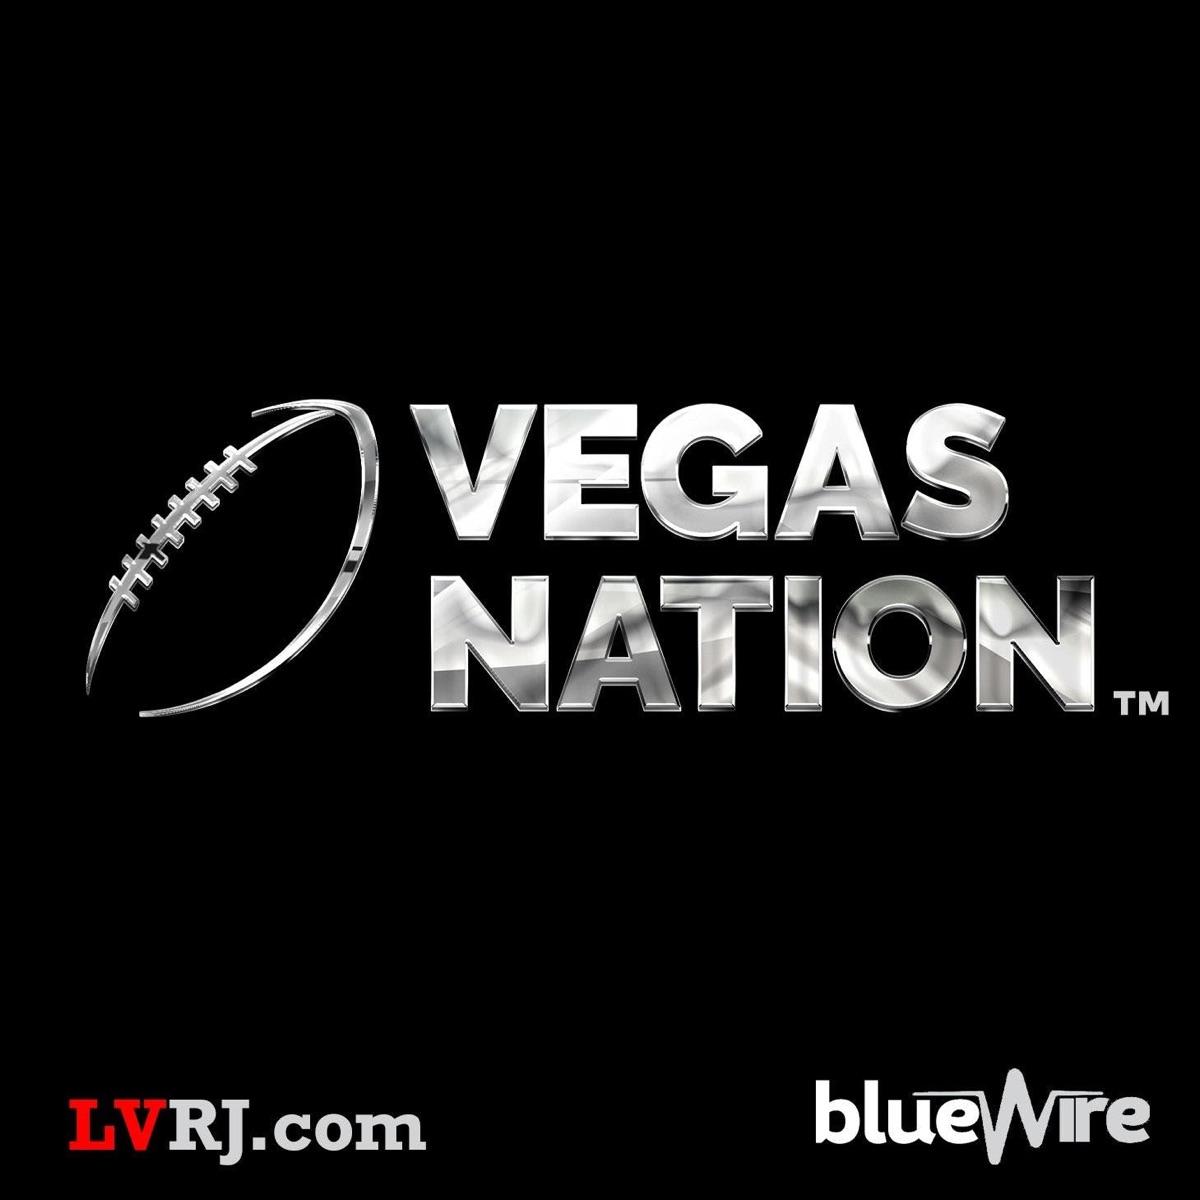 Vegas Nation - Raiders Football